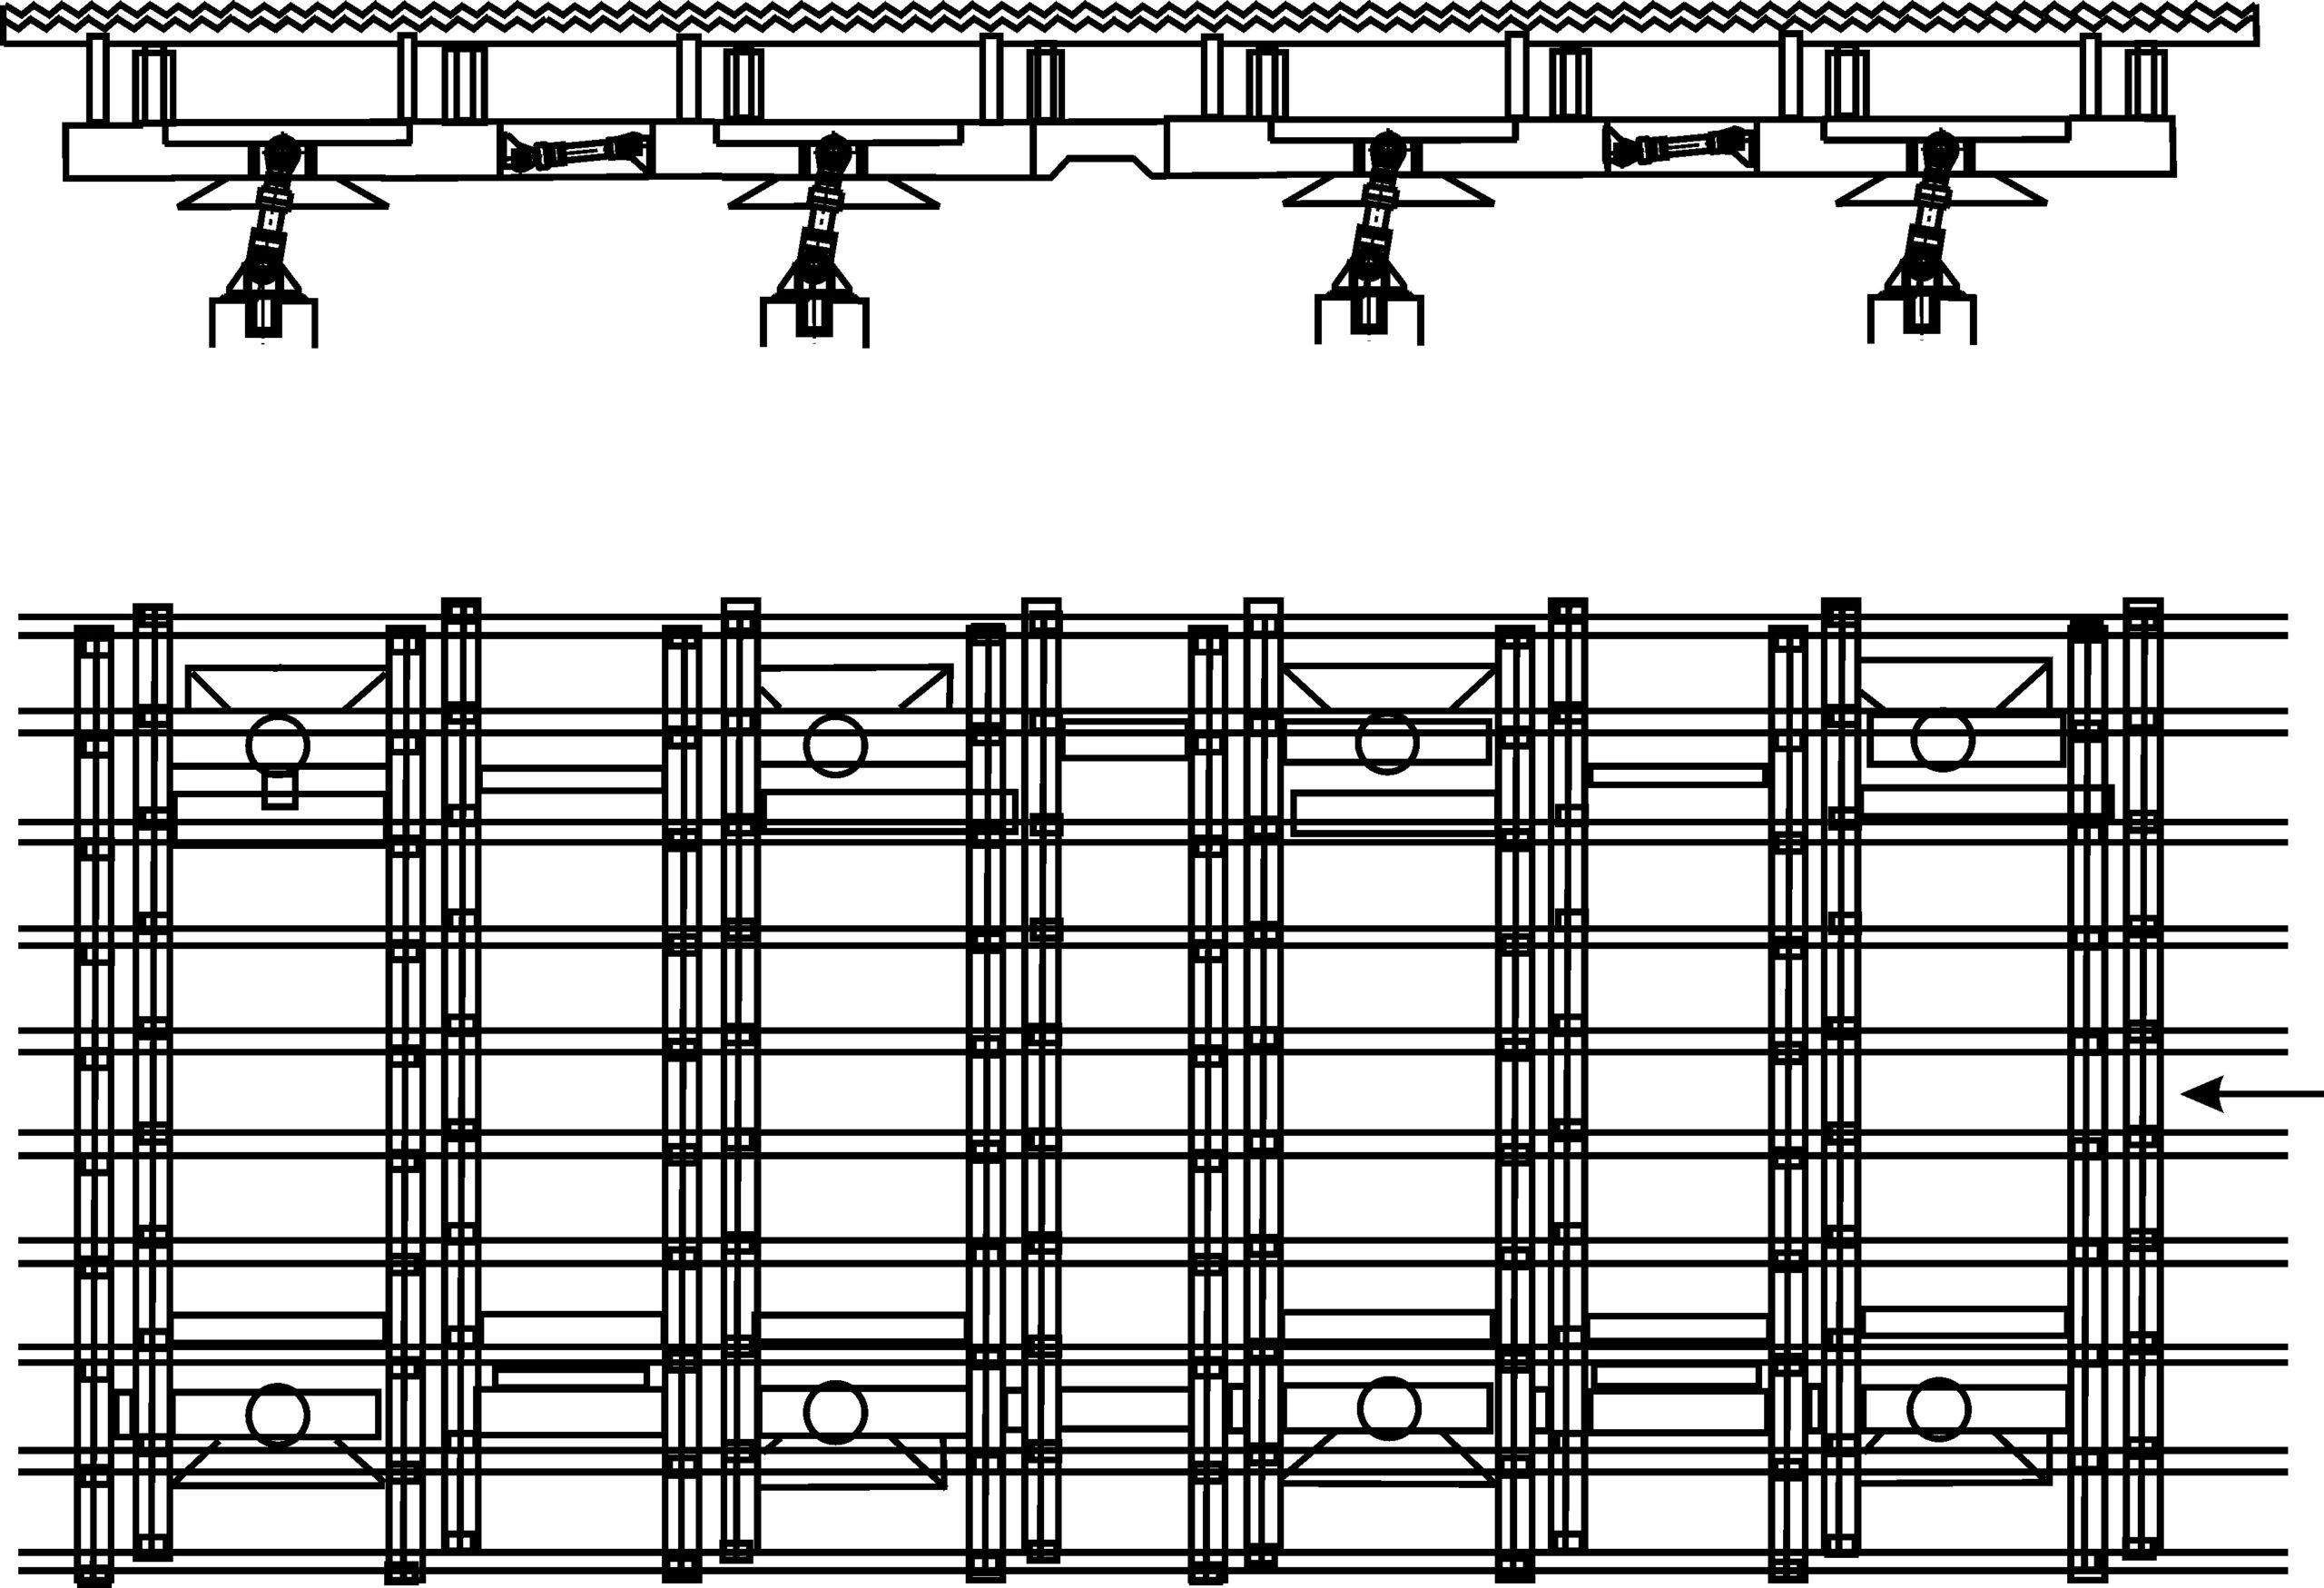 Рисунок 1 – Холодильник с шагающими балками для охлаждения заготовок, полученных на МНЛЗ